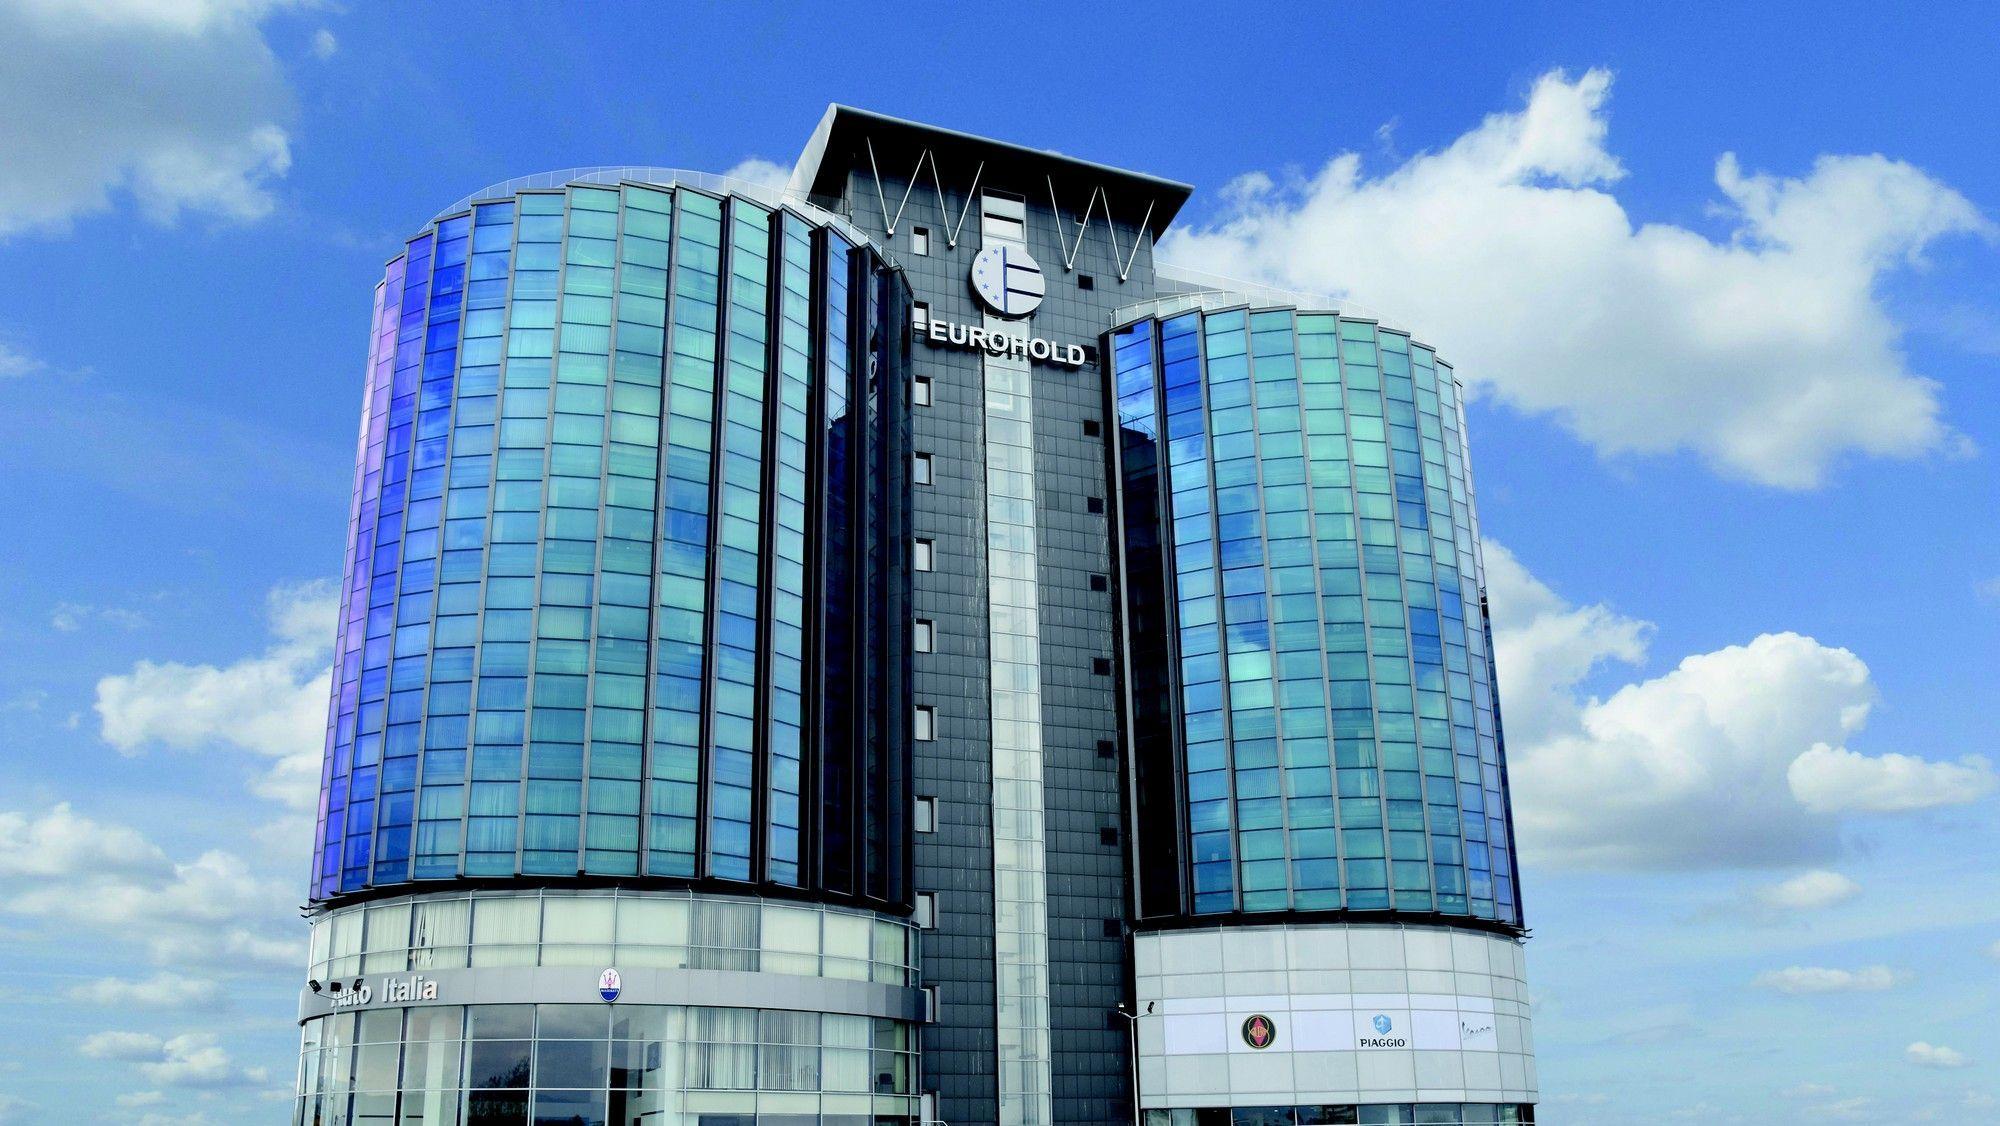 Eurohold a primit aprobarea Comisiei de reglementare a energiei şi apei pentru a achiziţiona filialele grupului CEZ din Bulgaria